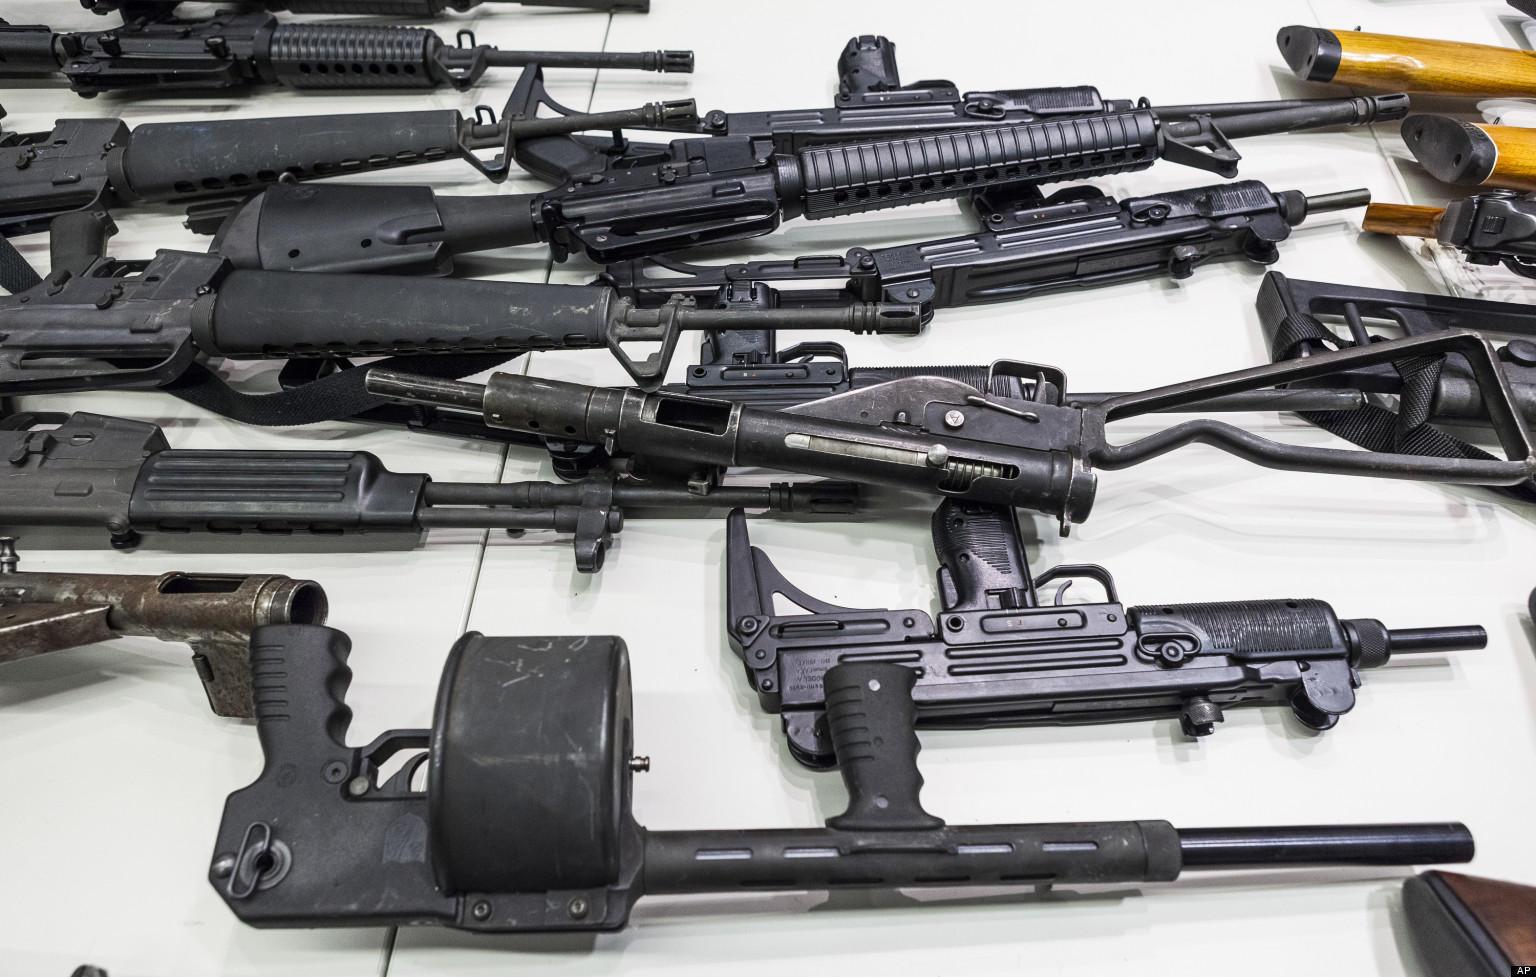 IL lawmakers move forward with gun legislation